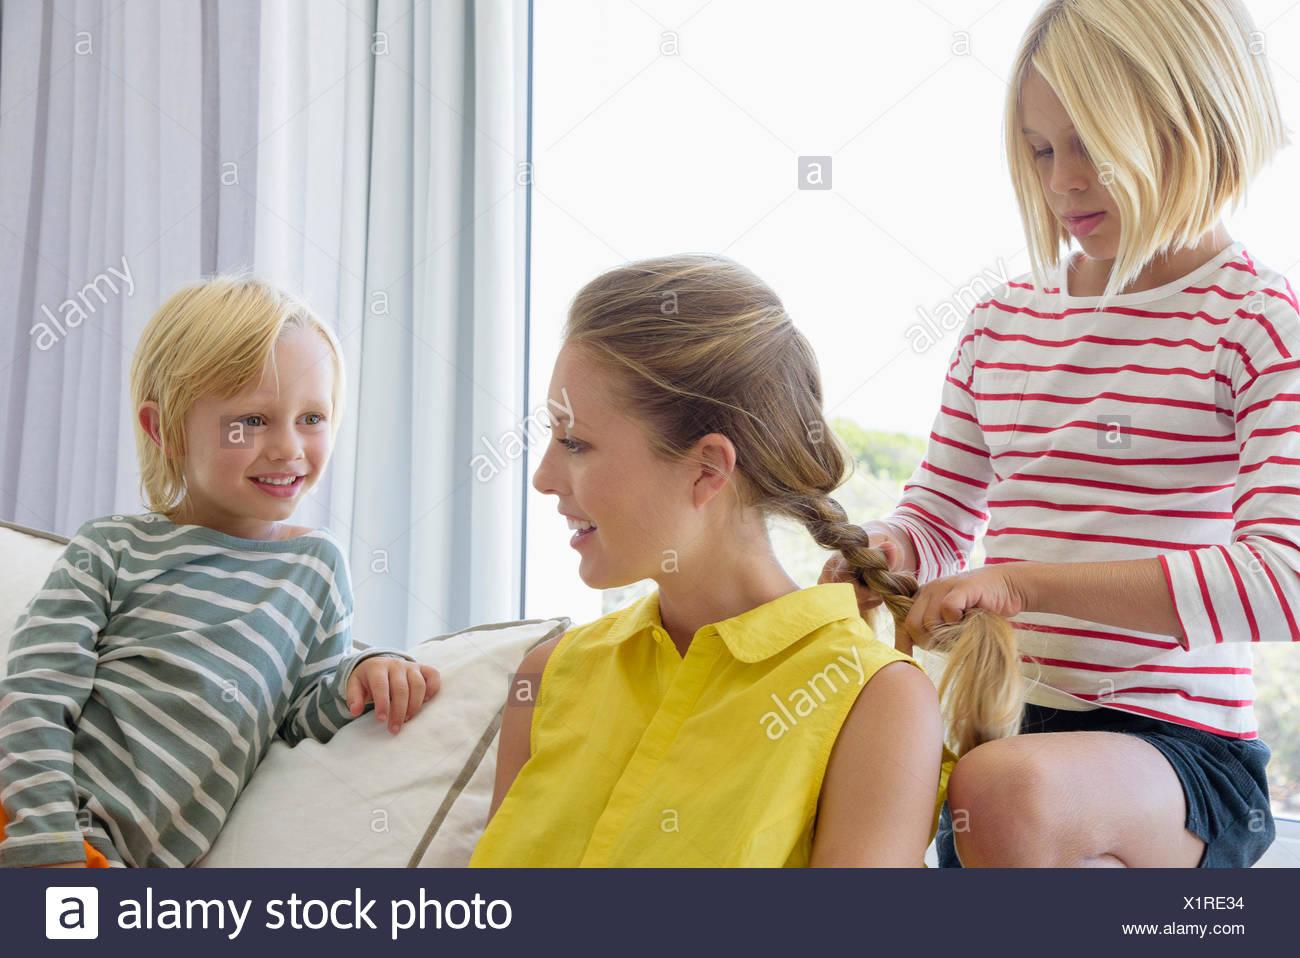 Feliz madre y niños sentados en el sofá en el salón Imagen De Stock